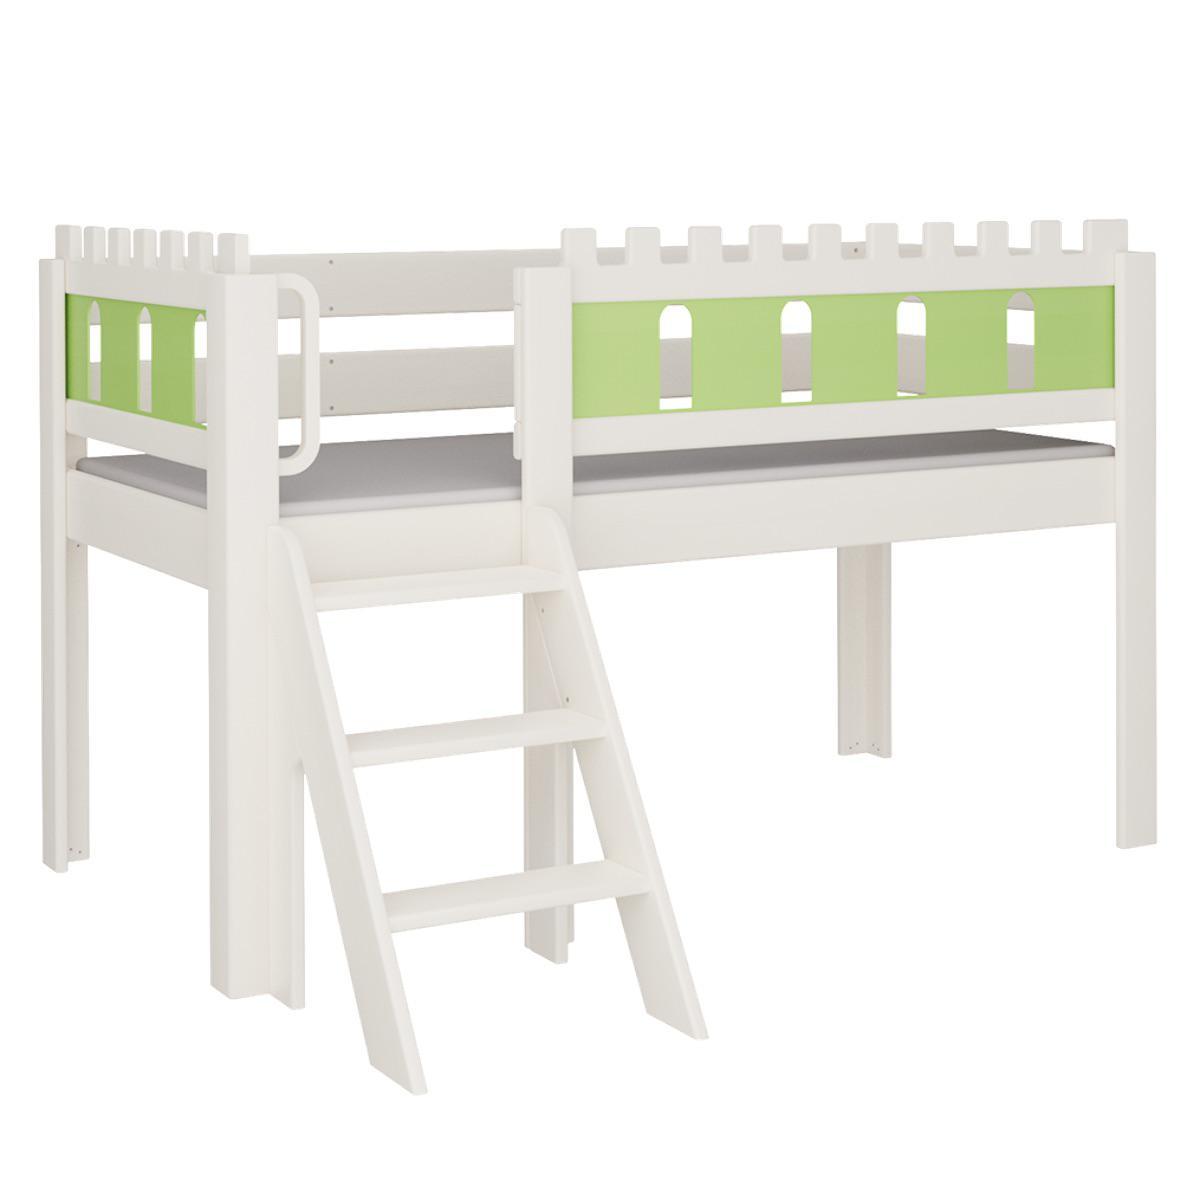 Burg halbhohes Bett mit Treppe DELUXE De Breuyn weiß Füllungen grün